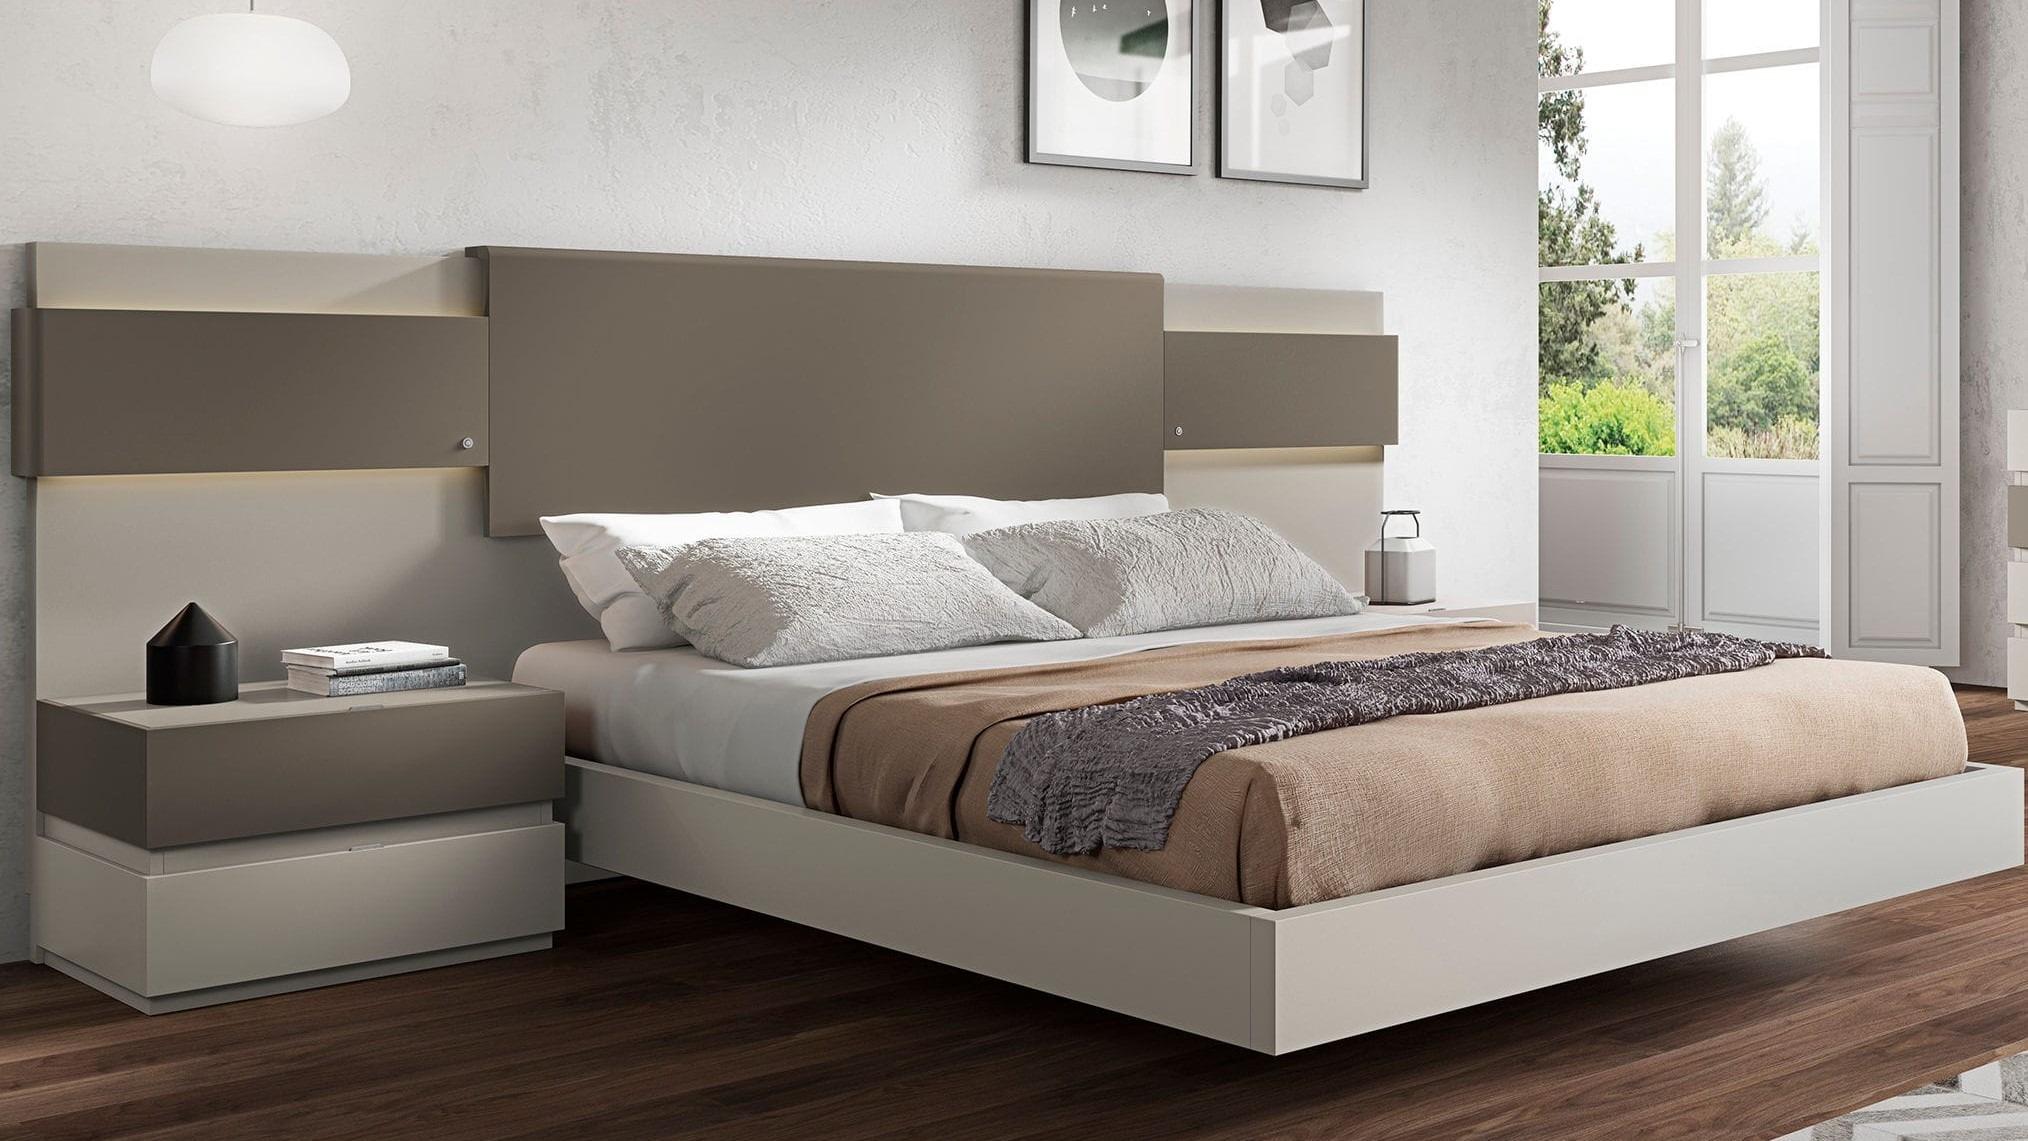 Tipos de cama: qual a melhor opção para o seu quarto